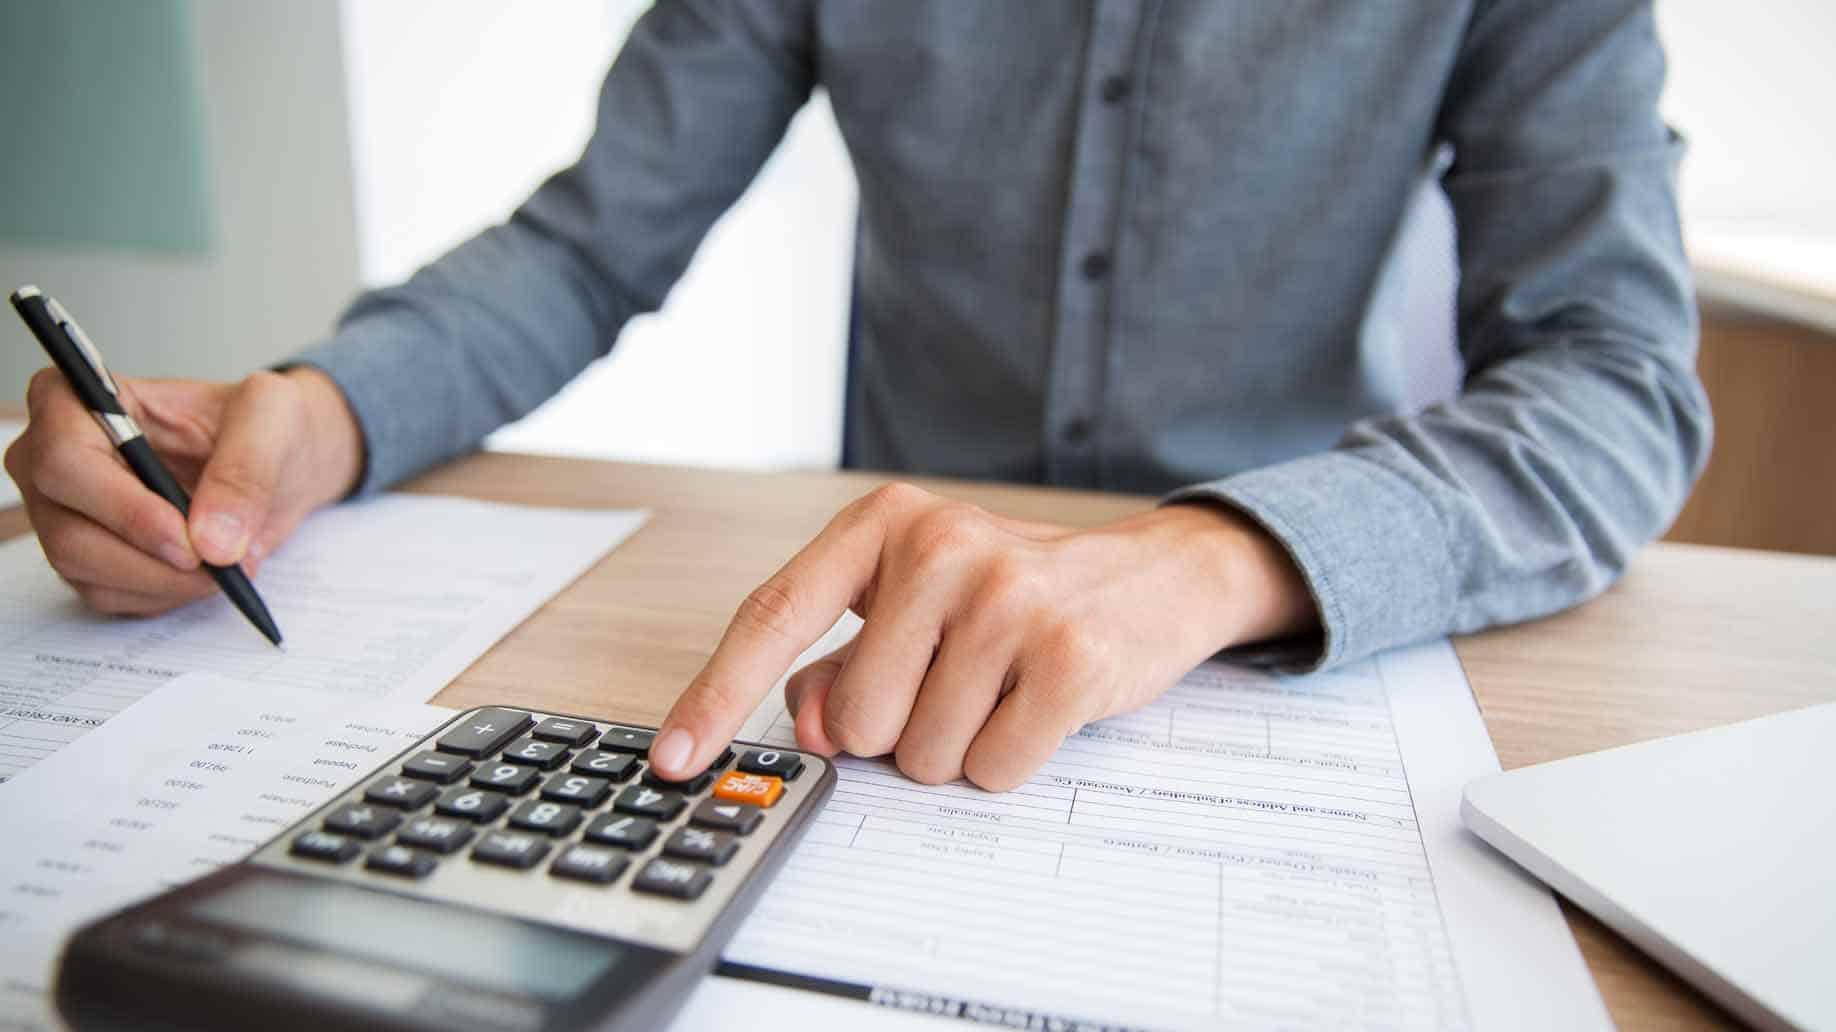 список документов для погашения ипотеки в россельхозбанке